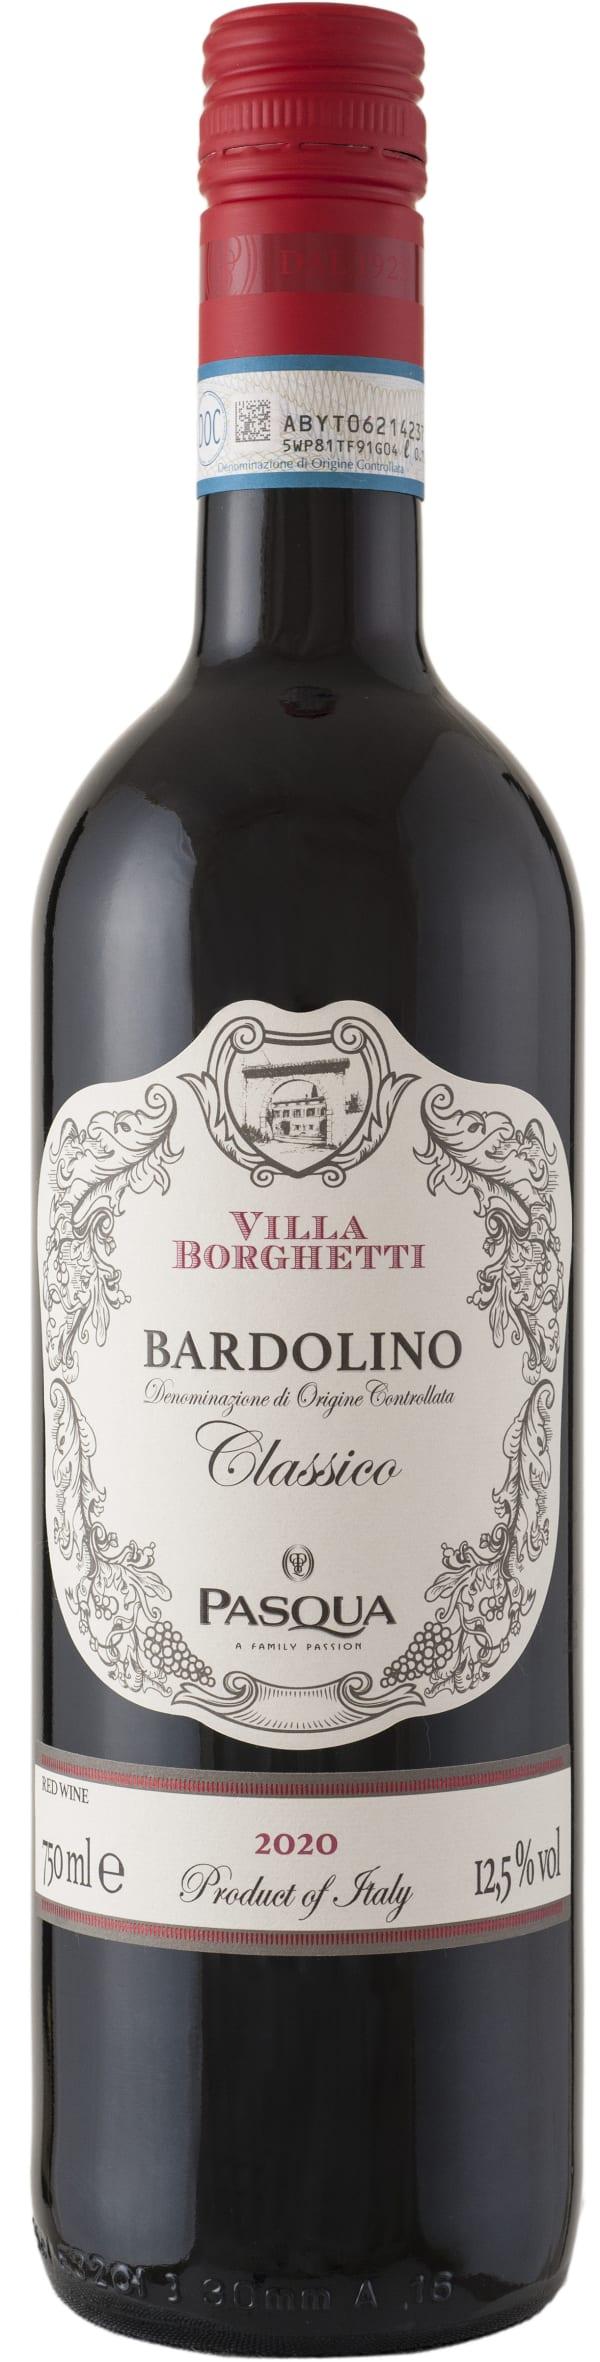 Pasqua Villa Borghetti Bardolino Classico 2017